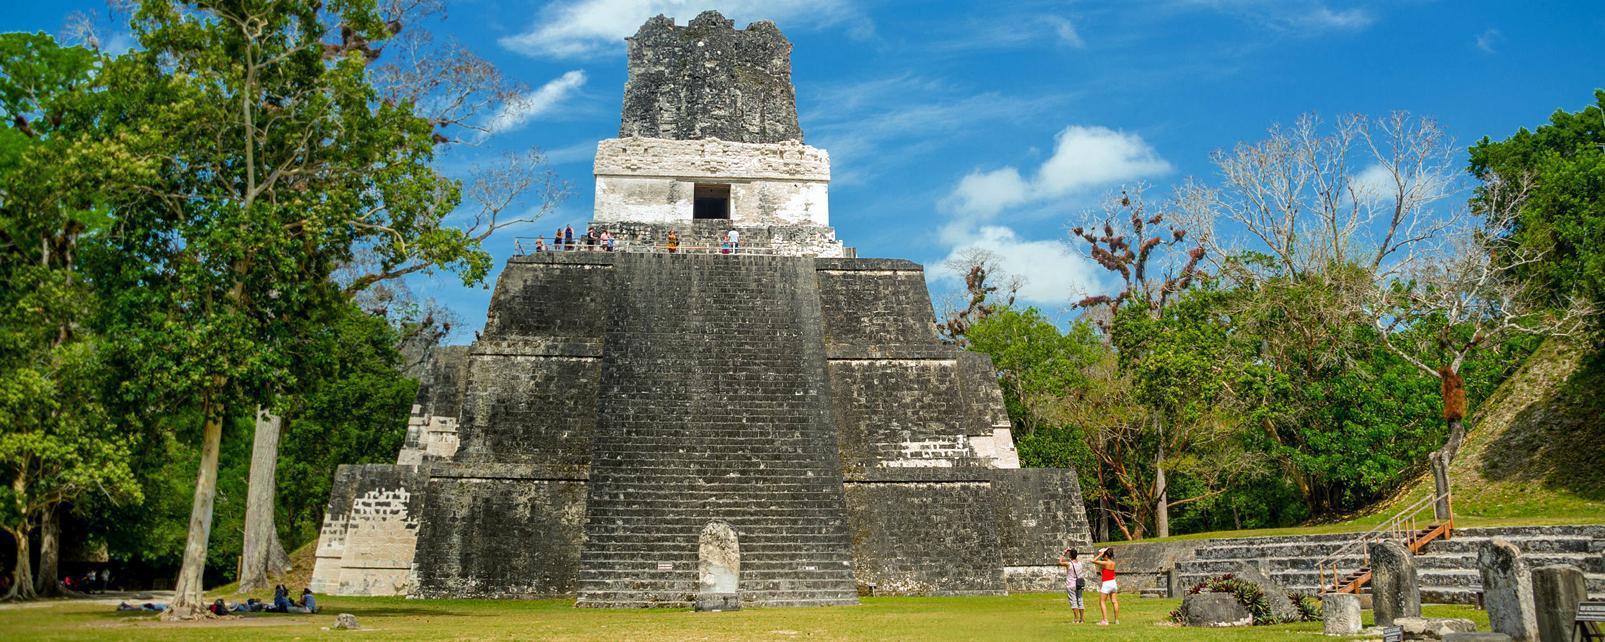 Le guide du voyage au Guatemala